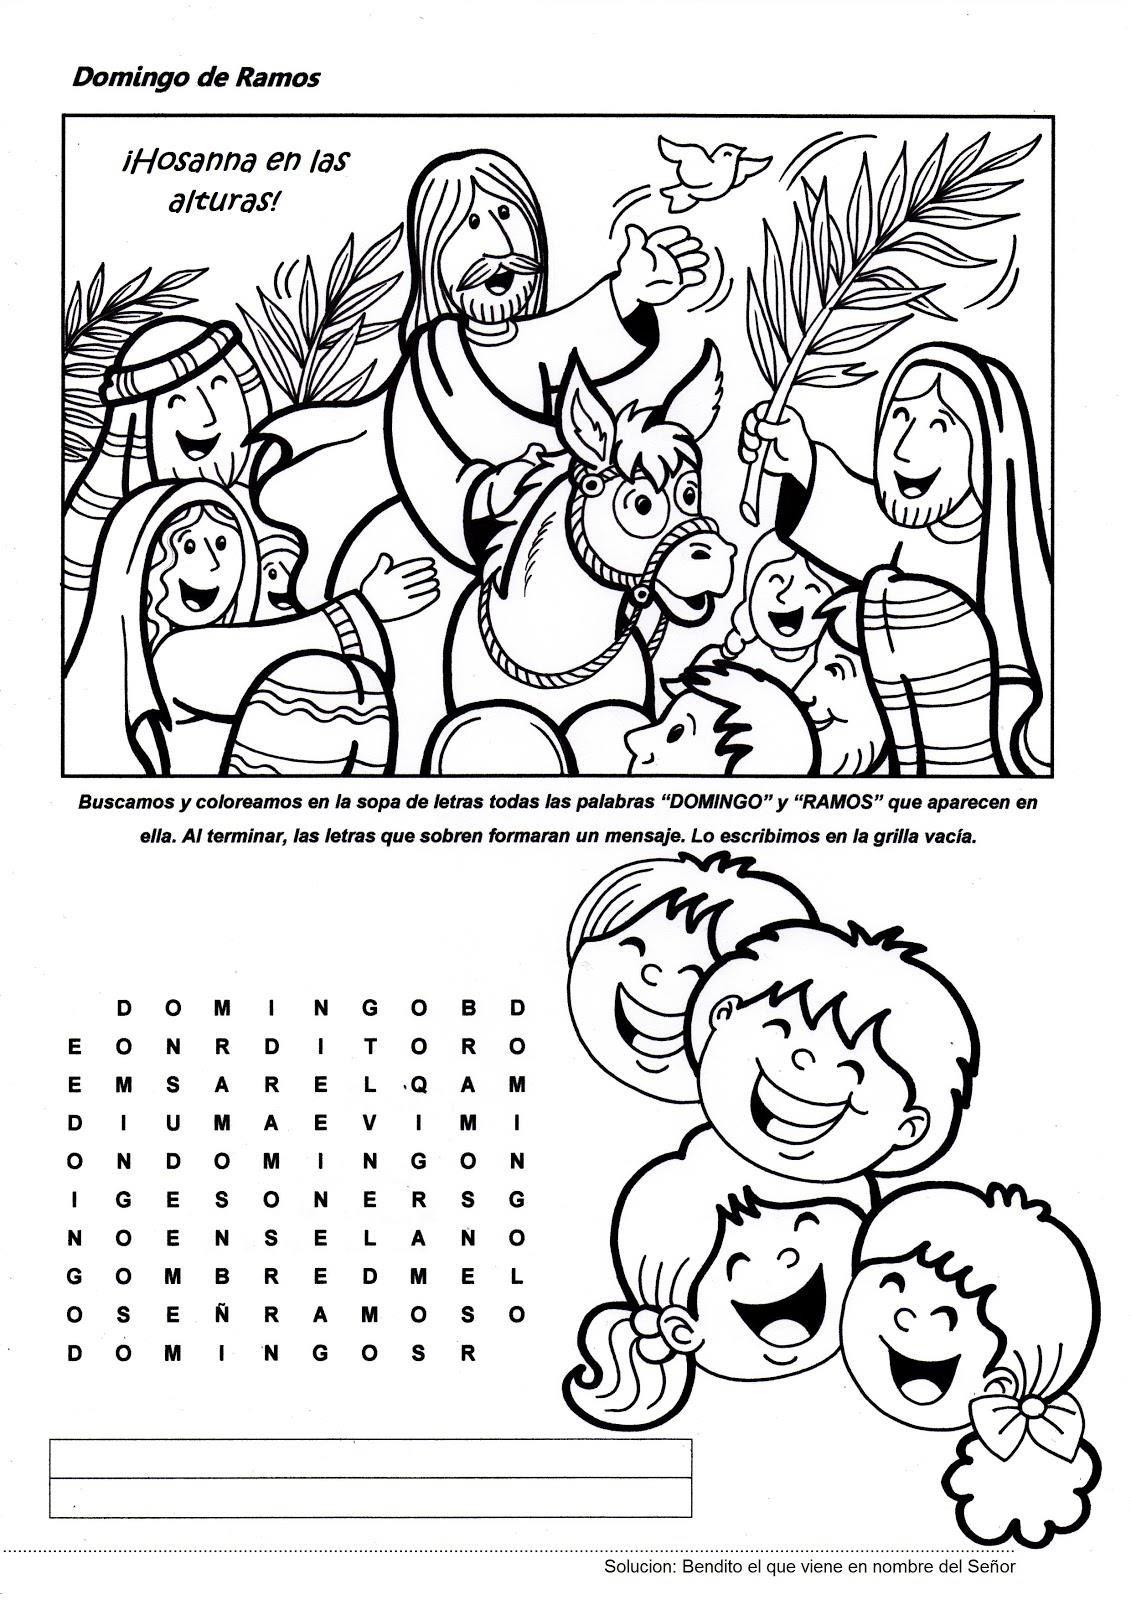 Domingo de Ramos   Kids Bible School   Pinterest   Domingo de ramos ...